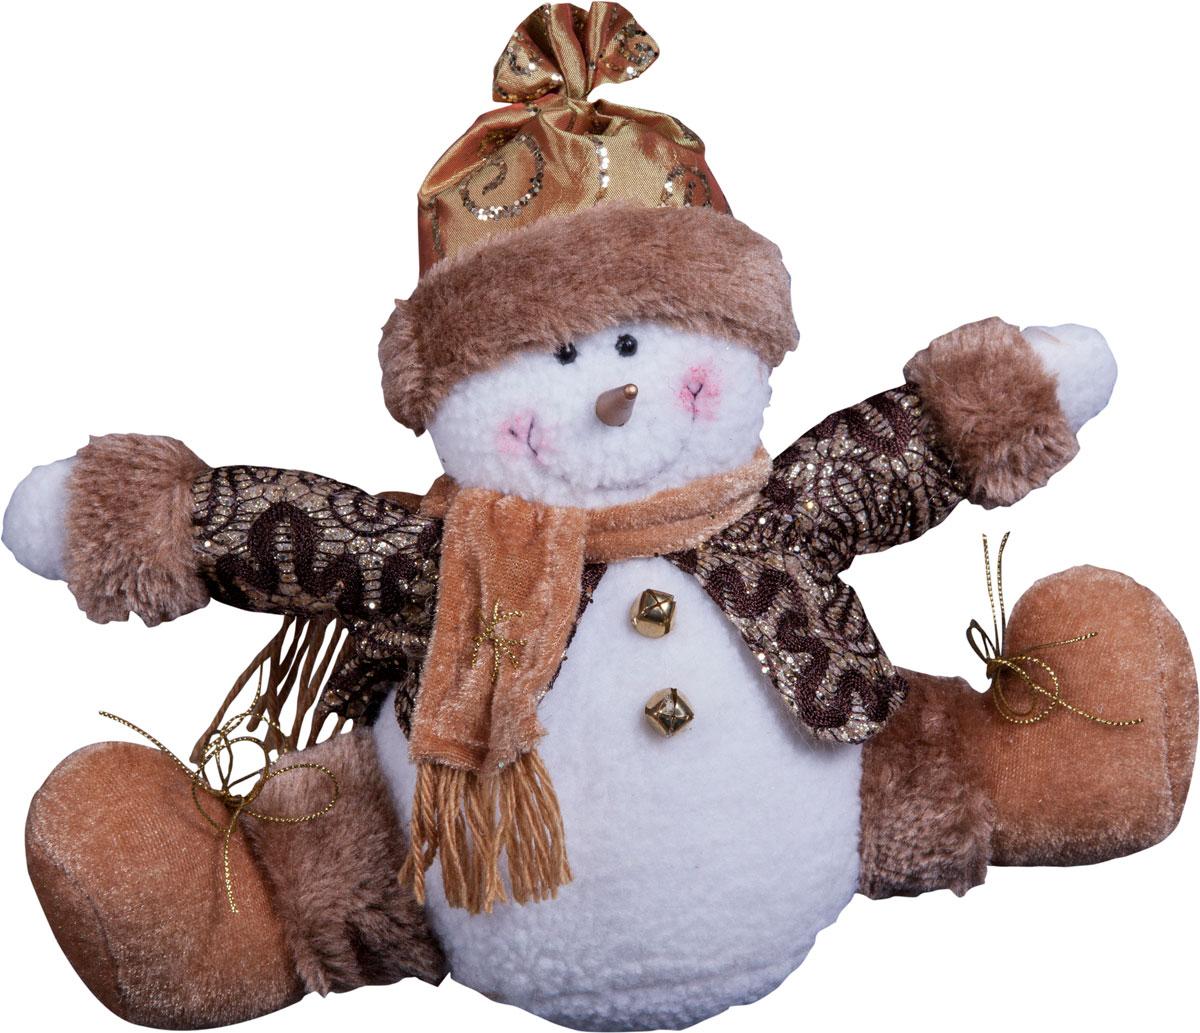 Игрушка новогодняя Mister Christmas Снеговик, высота 15 смDCM-023Игрушка новогодняя Mister Christmas Снеговик - прекрасное украшение для вашего дома.Изготовлена из комбинированных текстильных материалов, она ярко смотрится и приятна наощупь. Такая игрушка одинаково хорошо смотрится на елке, под елкой возле подарков, наполочке, столе или другом видном месте вашего дома или офиса. Это прекрасный подарокколлегам, друзьям, близким, а также детям. Сувенир изготовлен из экологически чистыхматериалов. А нарядная подарочная упаковка позволит вамне беспокоиться о дополнительном оформлении подарка.